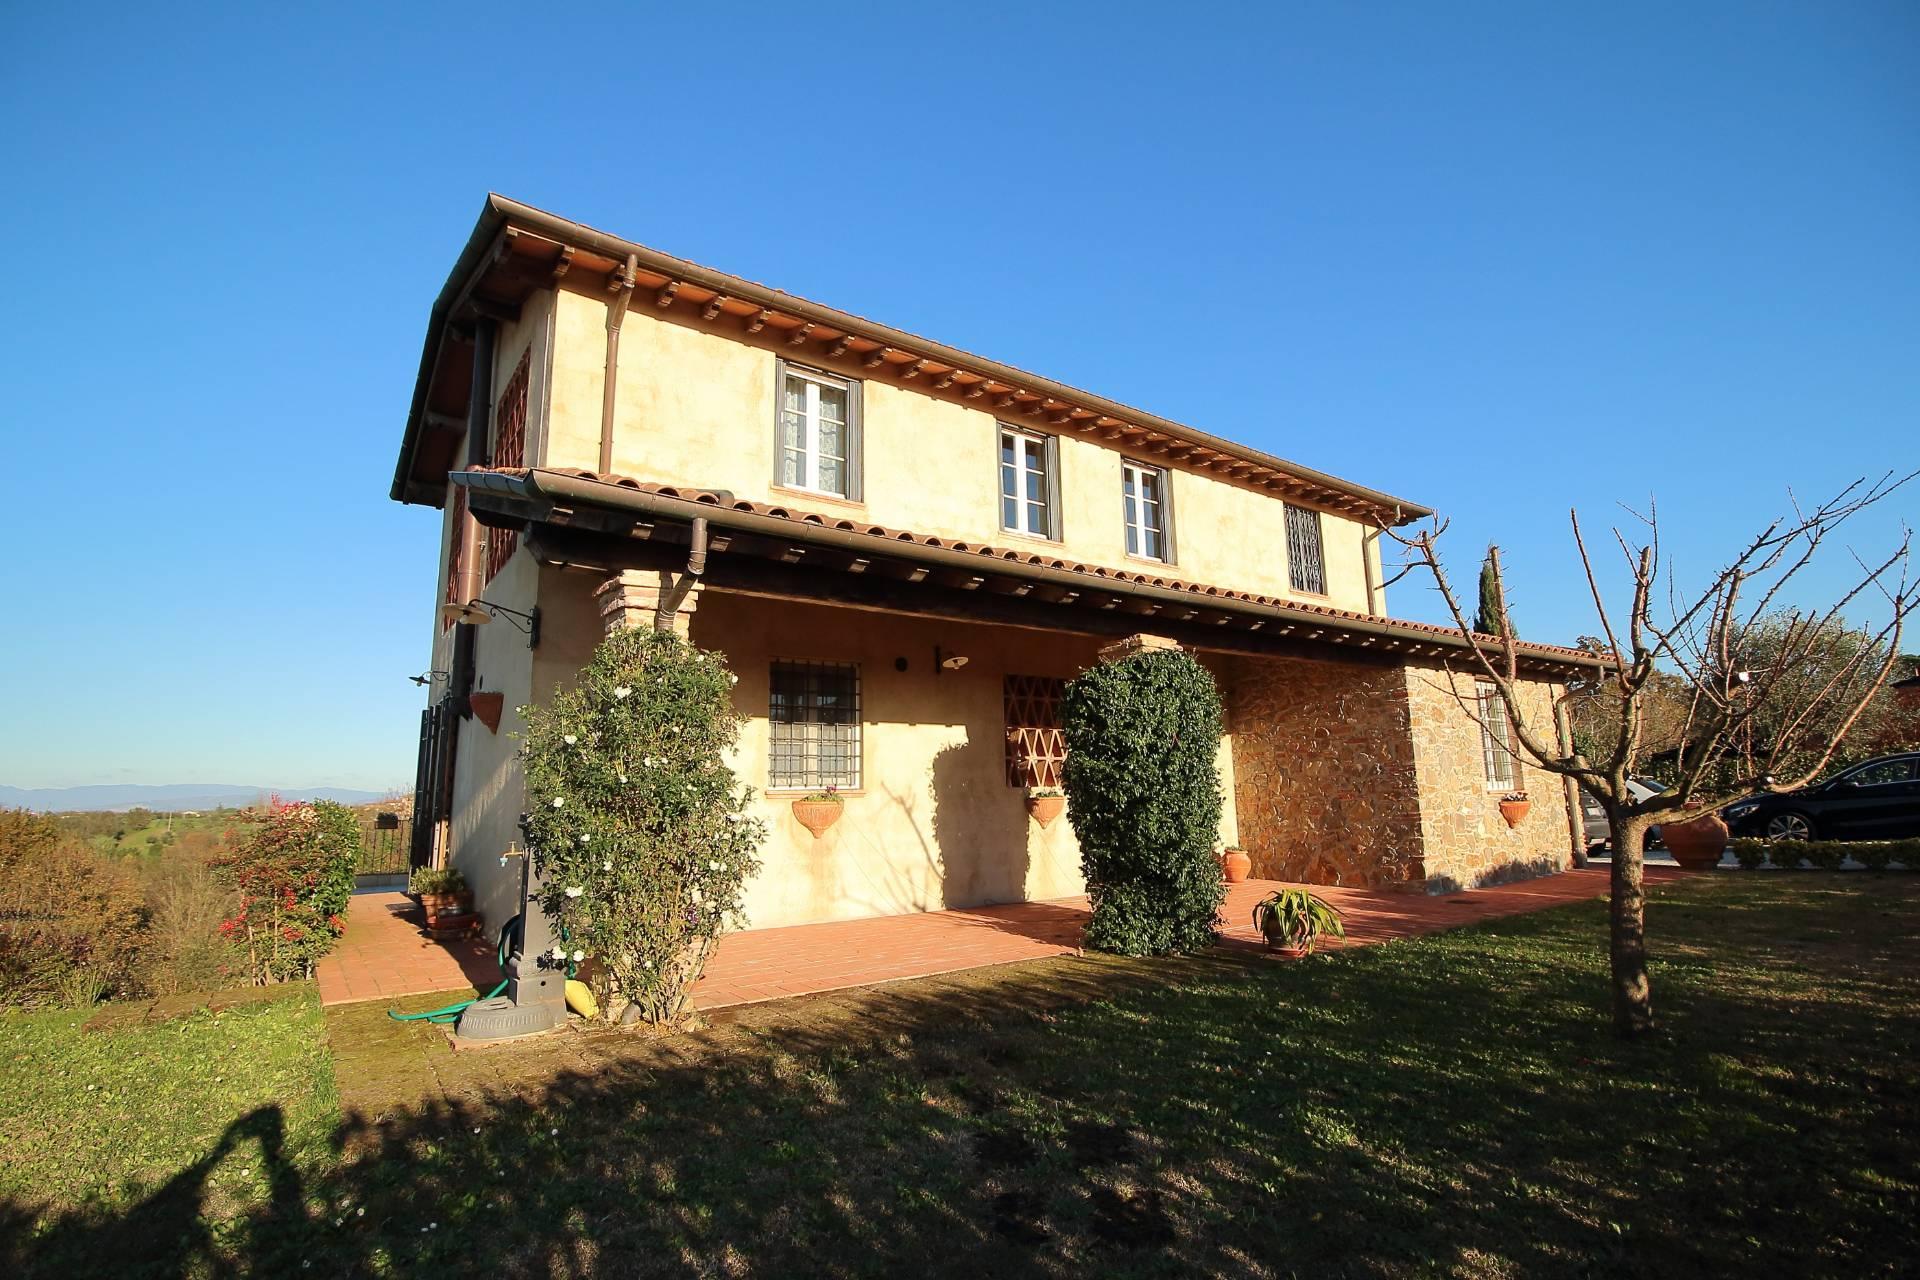 Rustico for sale in Santa Maria a Monte (PI)